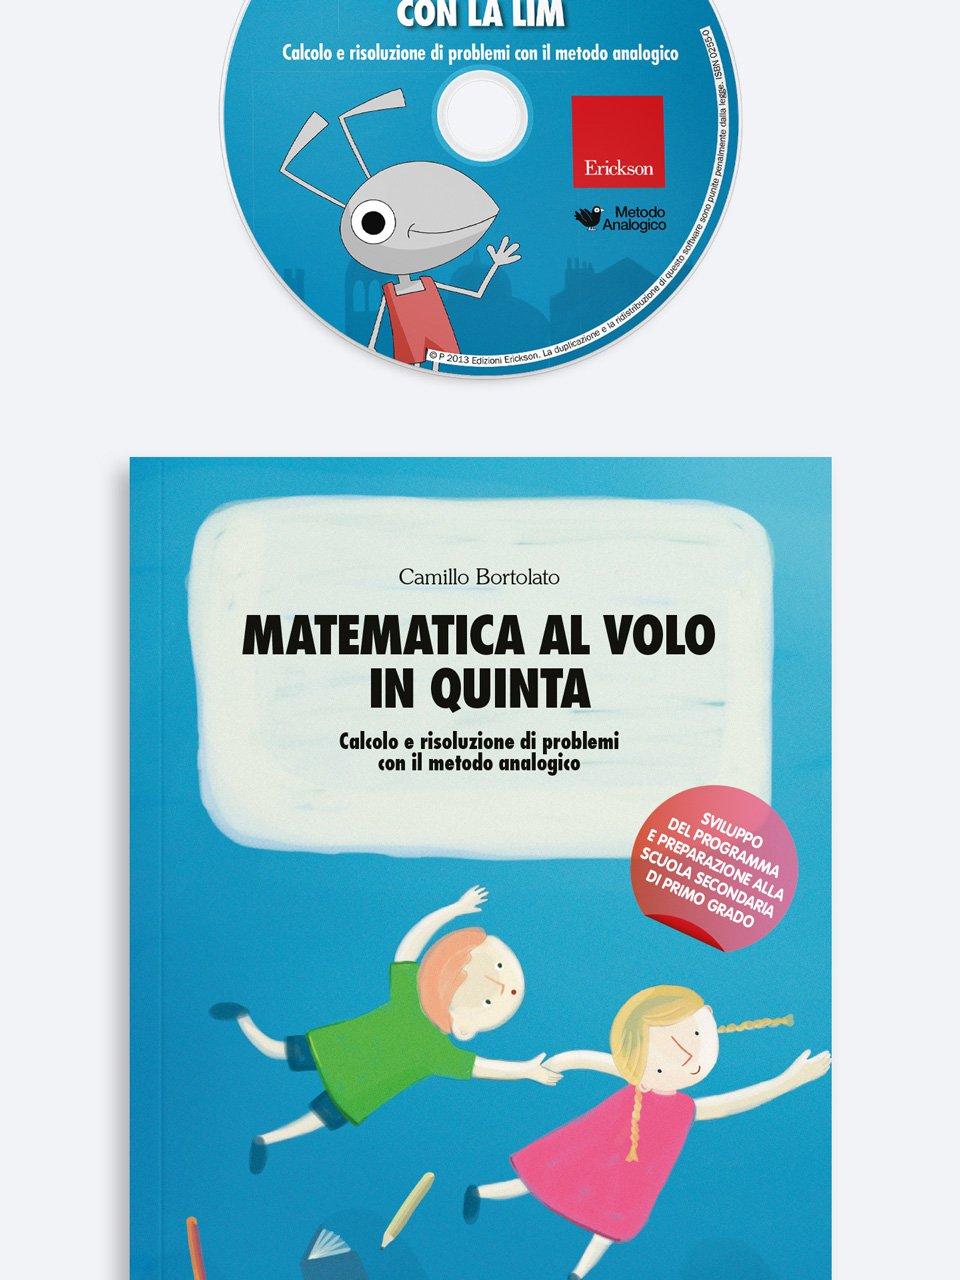 Matematica al volo in quinta - Metodo Analogico altre proposte - Erickson 3